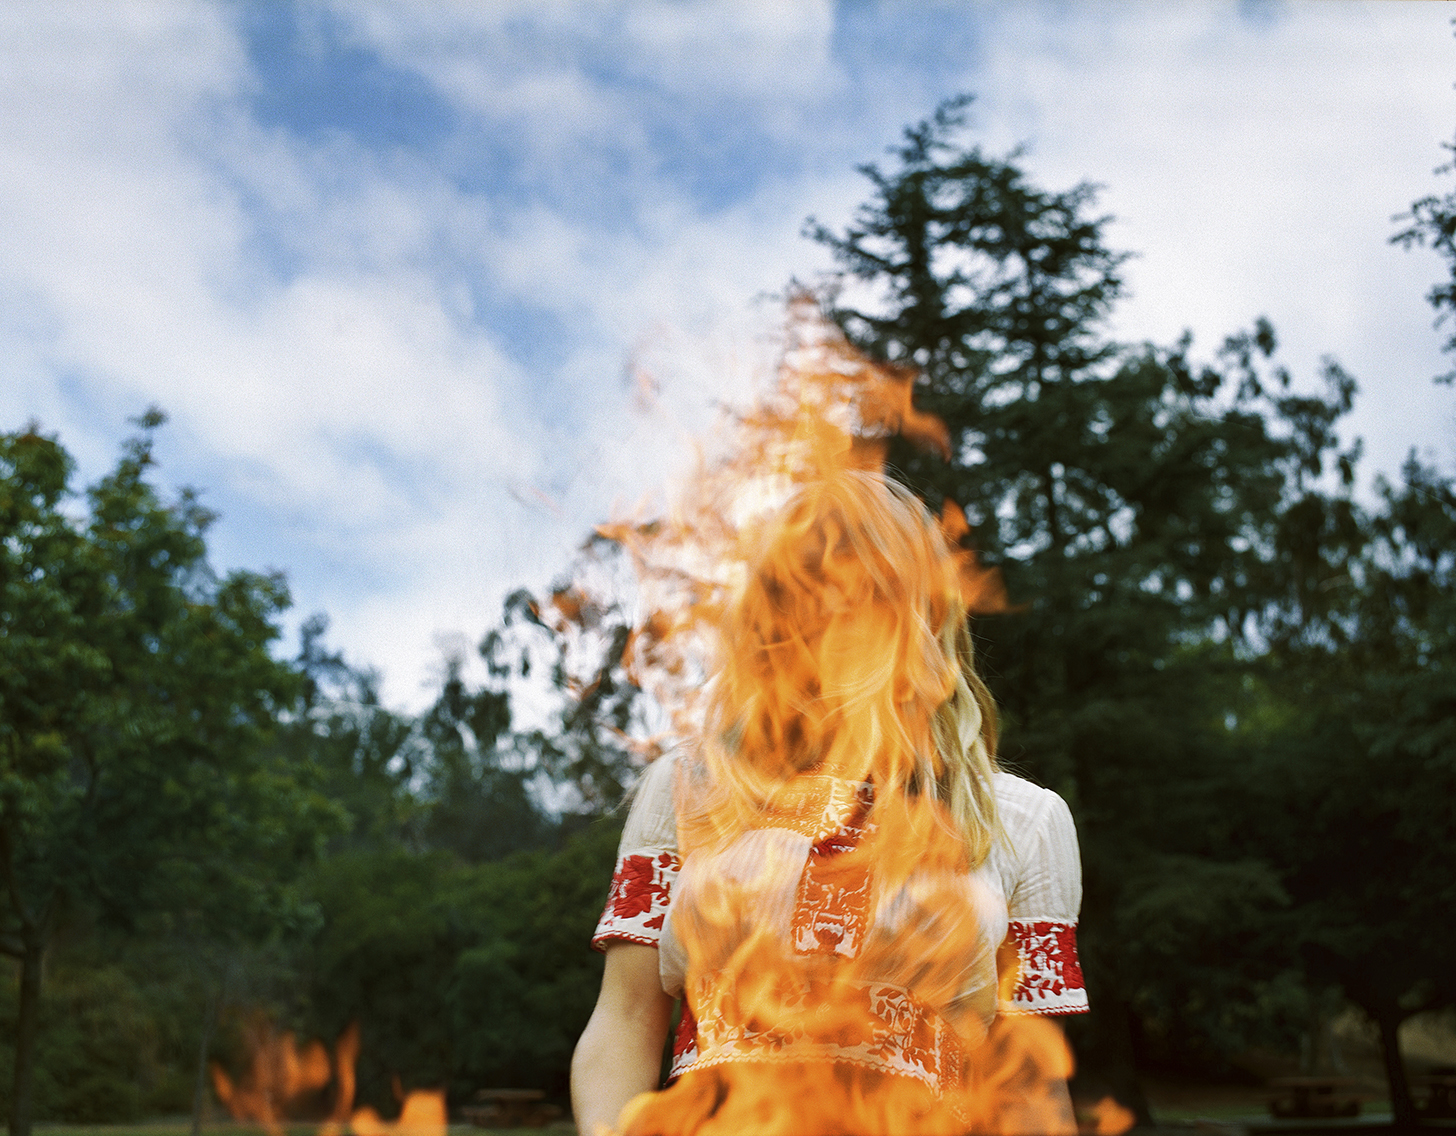 EMMY_FIRE copy